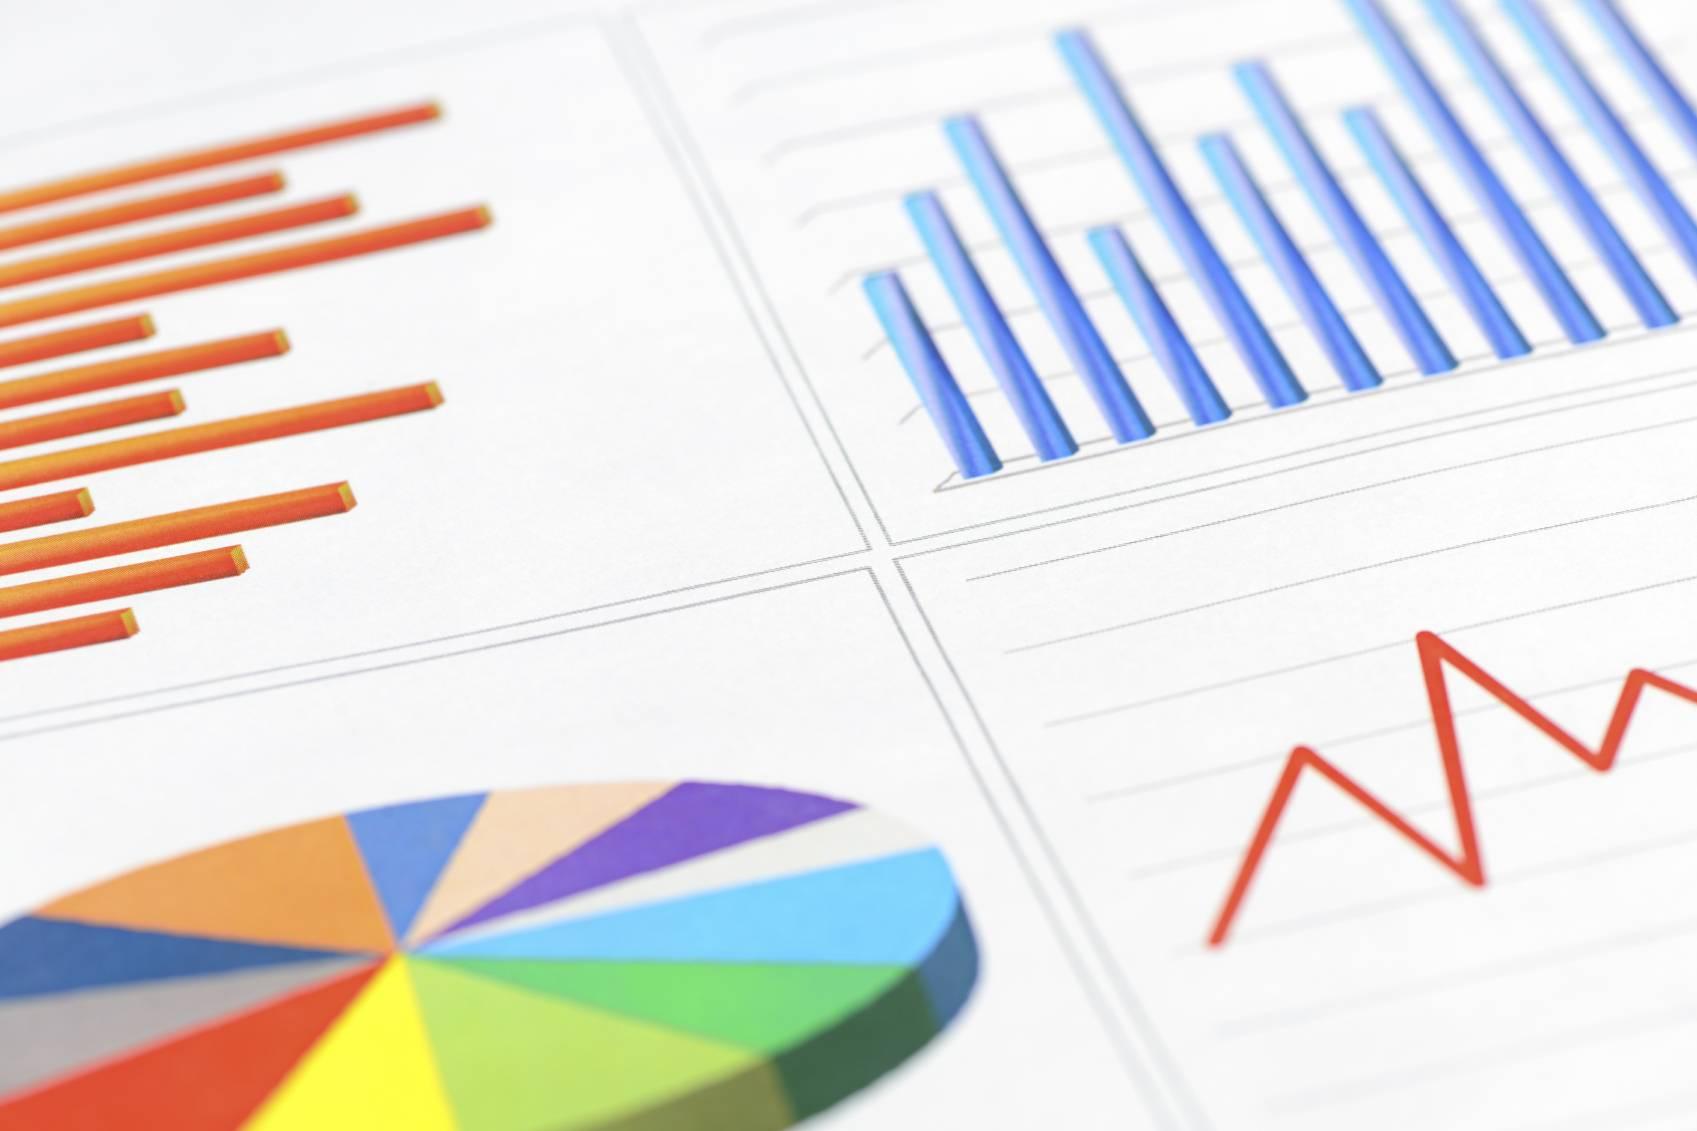 Как анализировать рынок. Вводный курс для новичка.